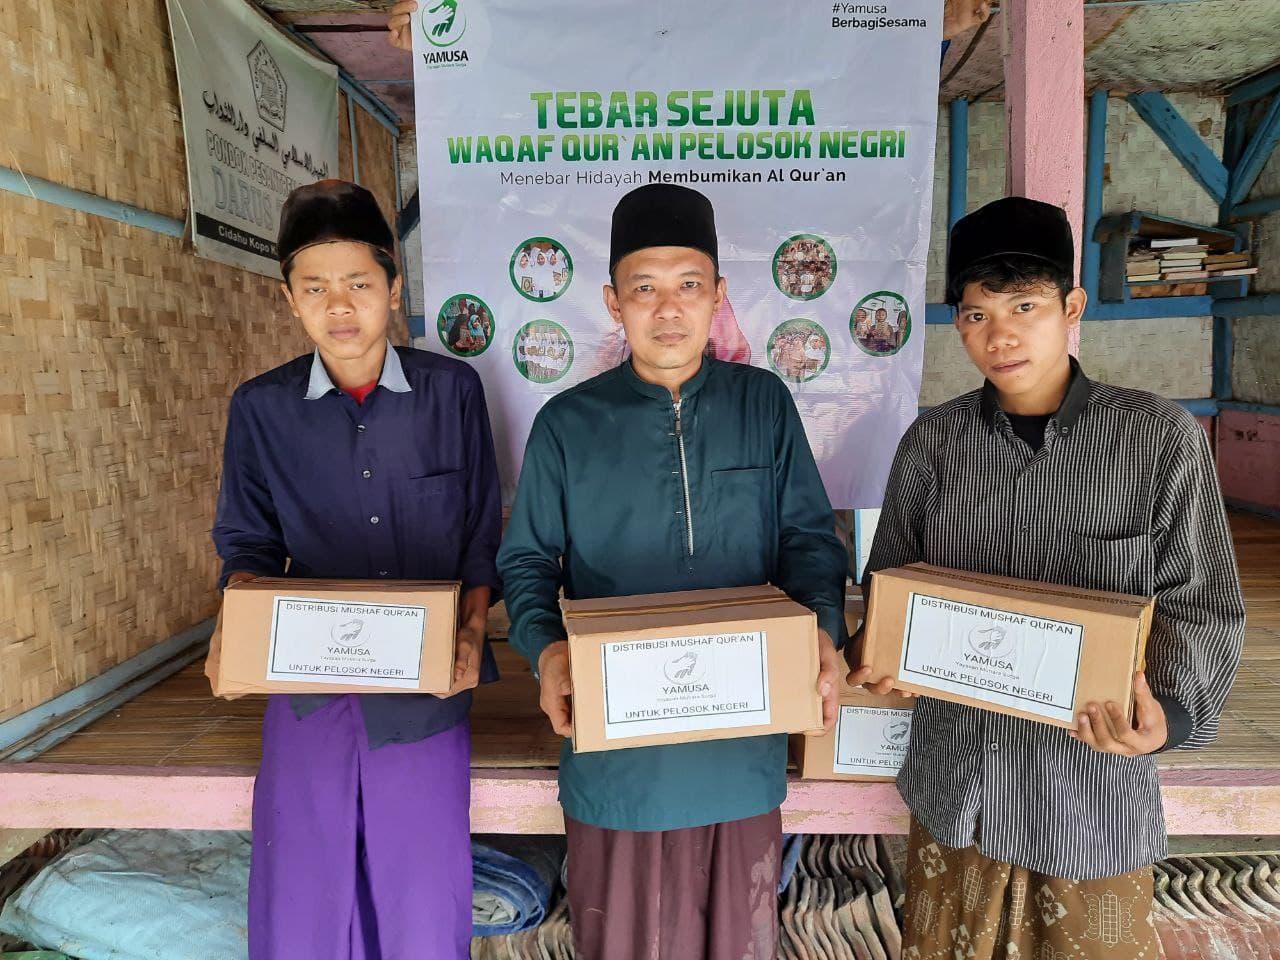 Wakaf Al-Qur'an untuk Ponpes Darus Tsawab Banten